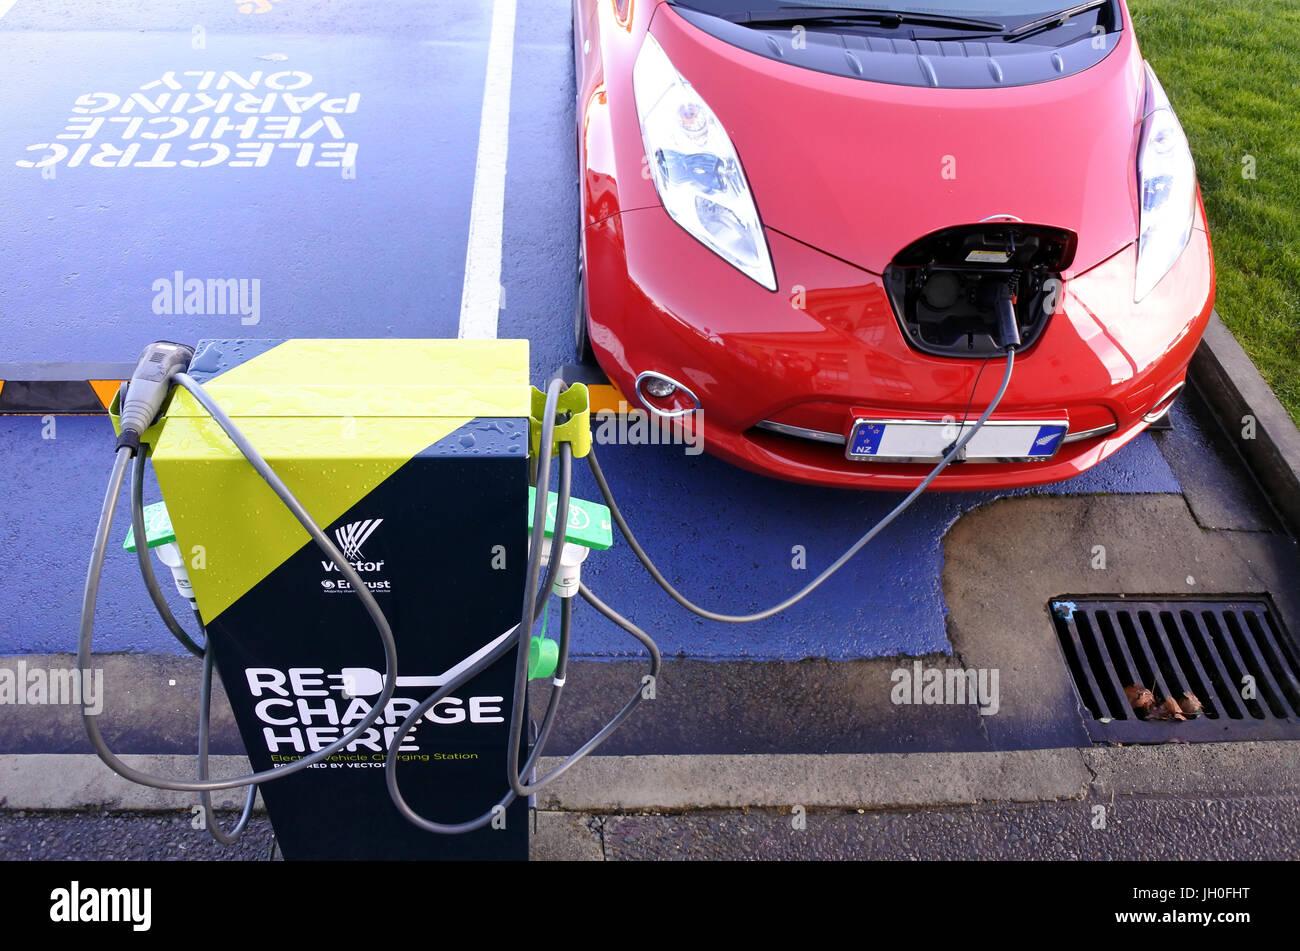 AUCKLAND - 11 de julio 2017: rápida estaciones de carga de vehículos eléctricos. En noviembre de Imagen De Stock